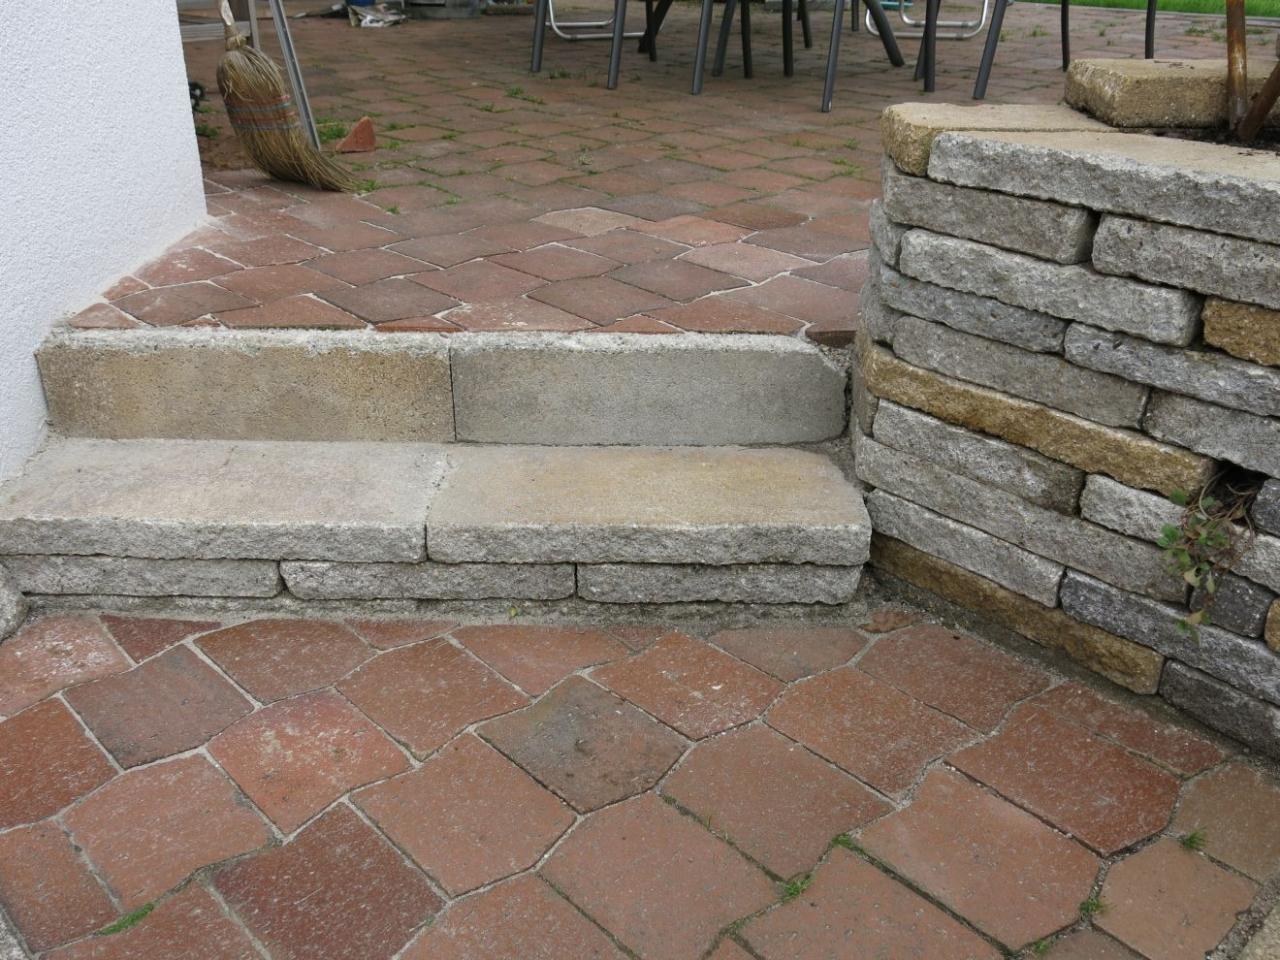 trockenmauer zur beetbegrenzung - bauanleitung zum selberbauen - 1-2